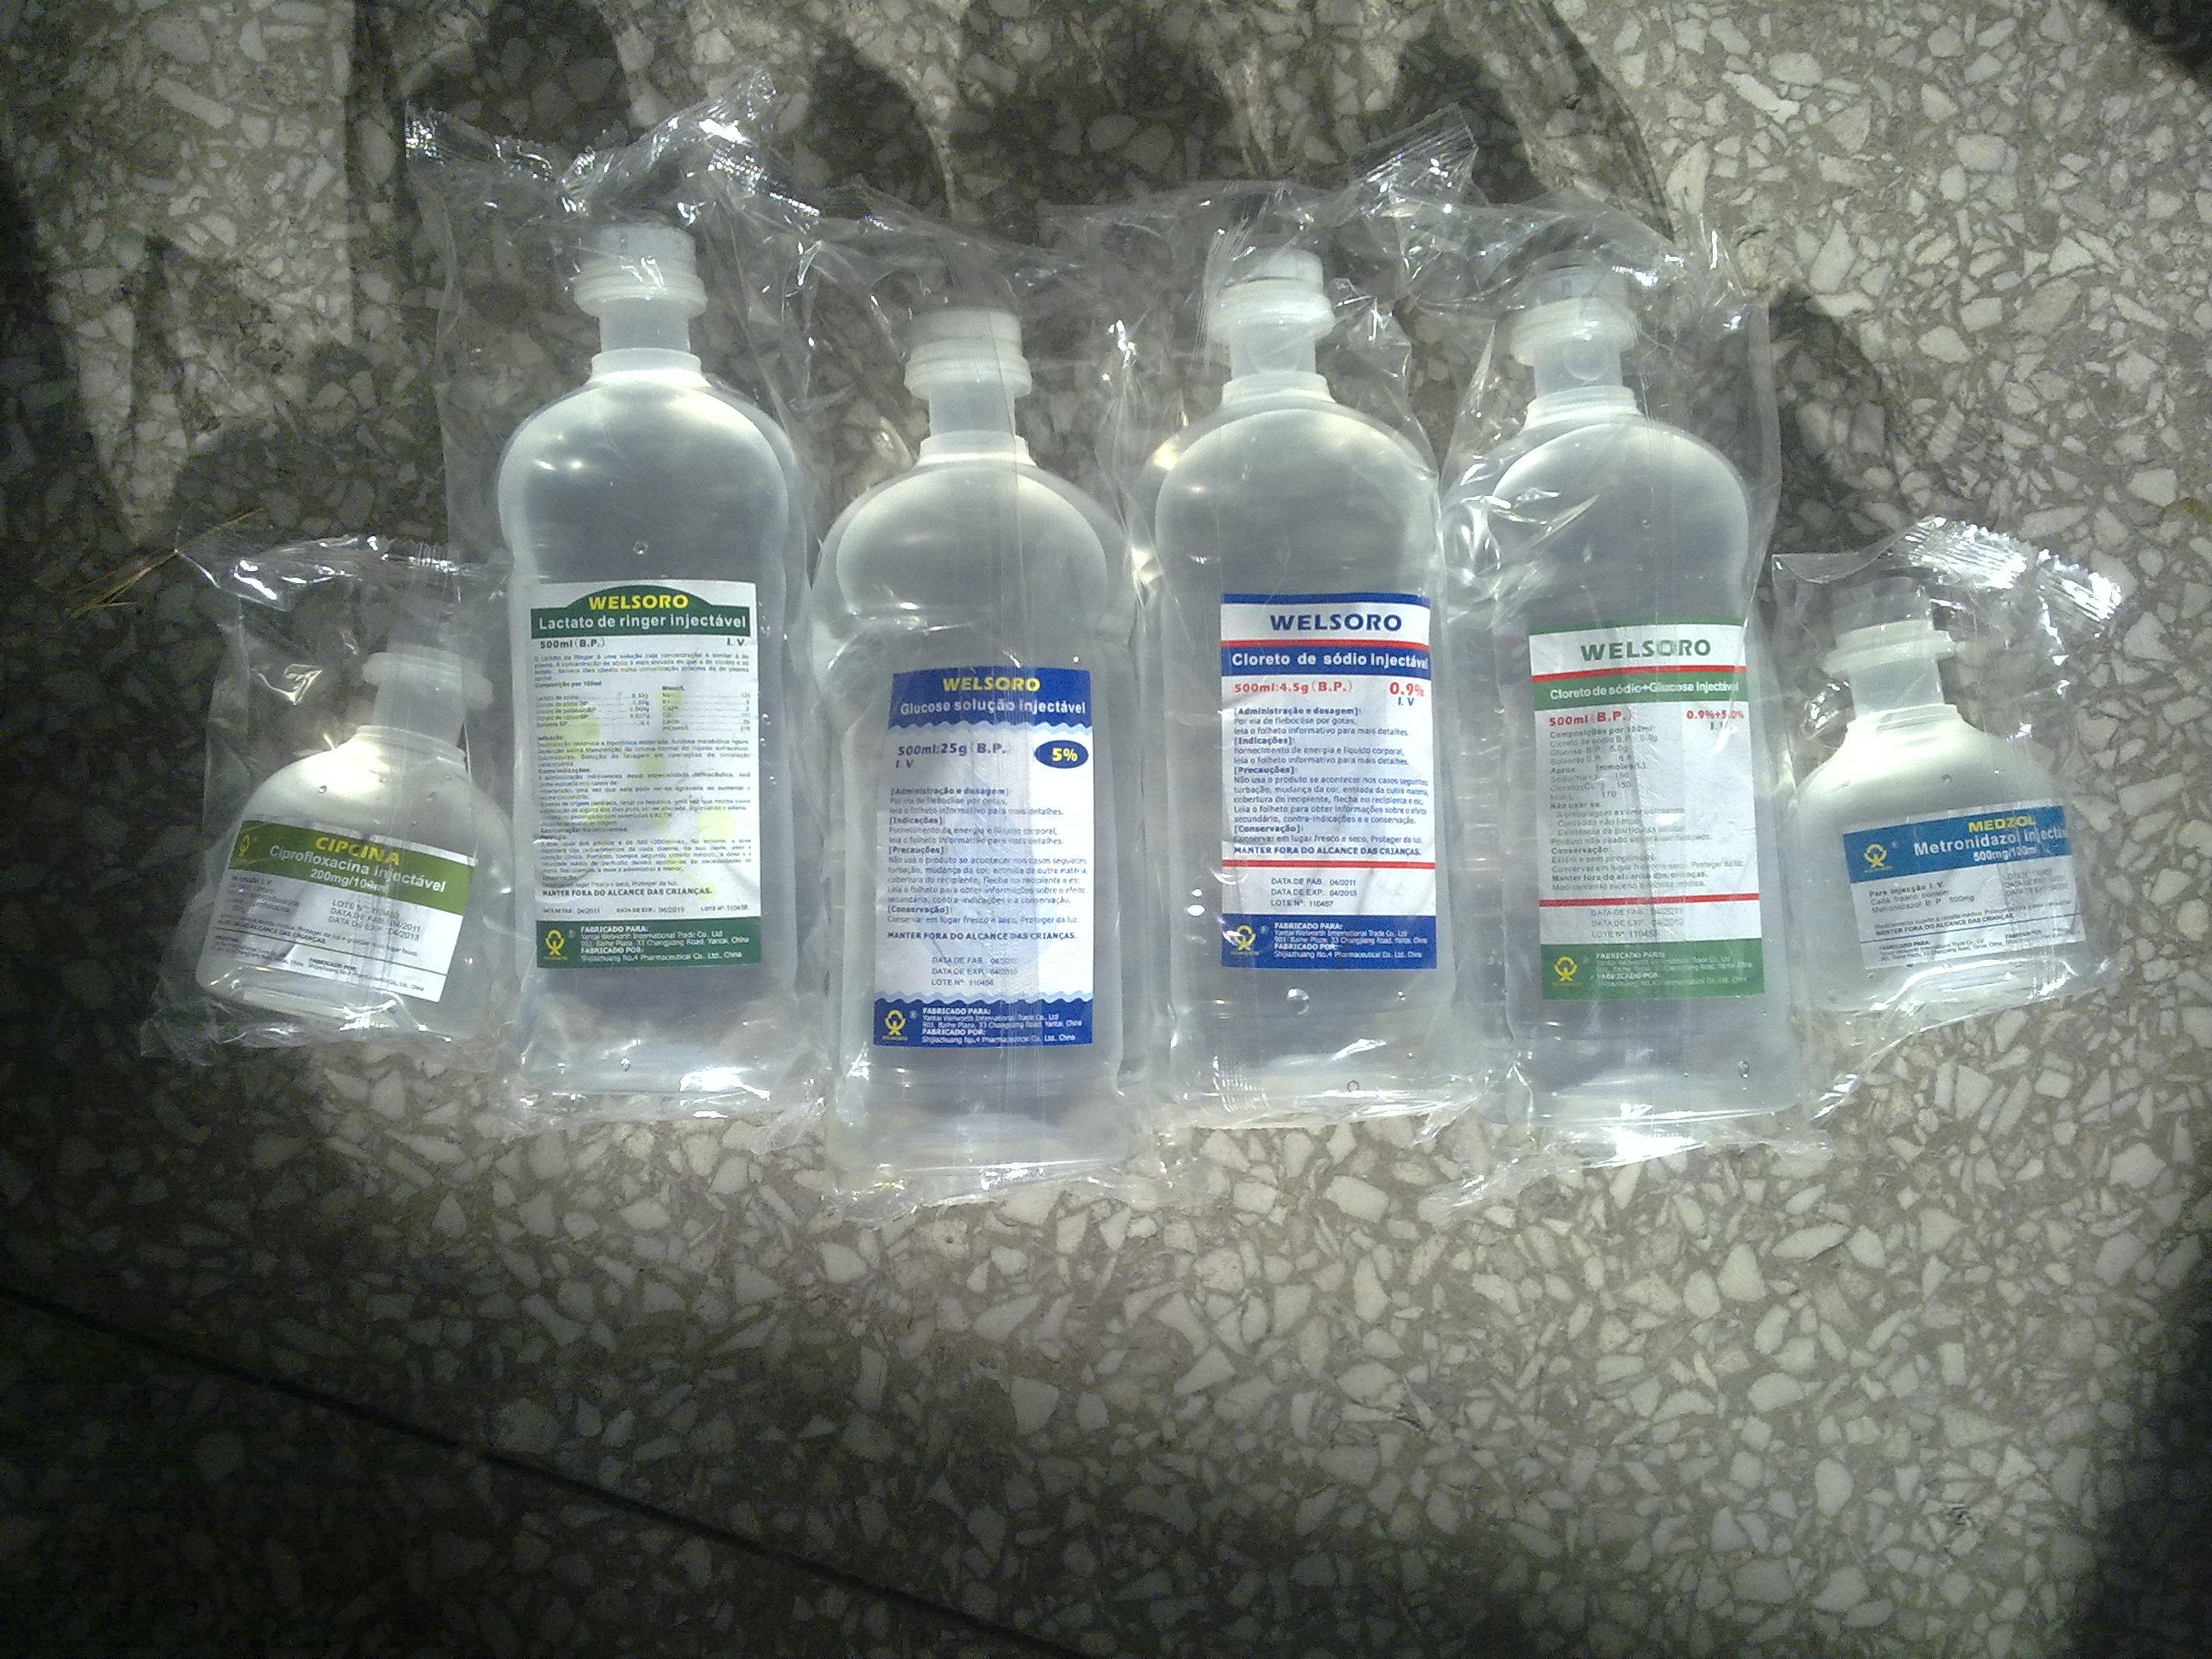 乳酸鈉林格注射液